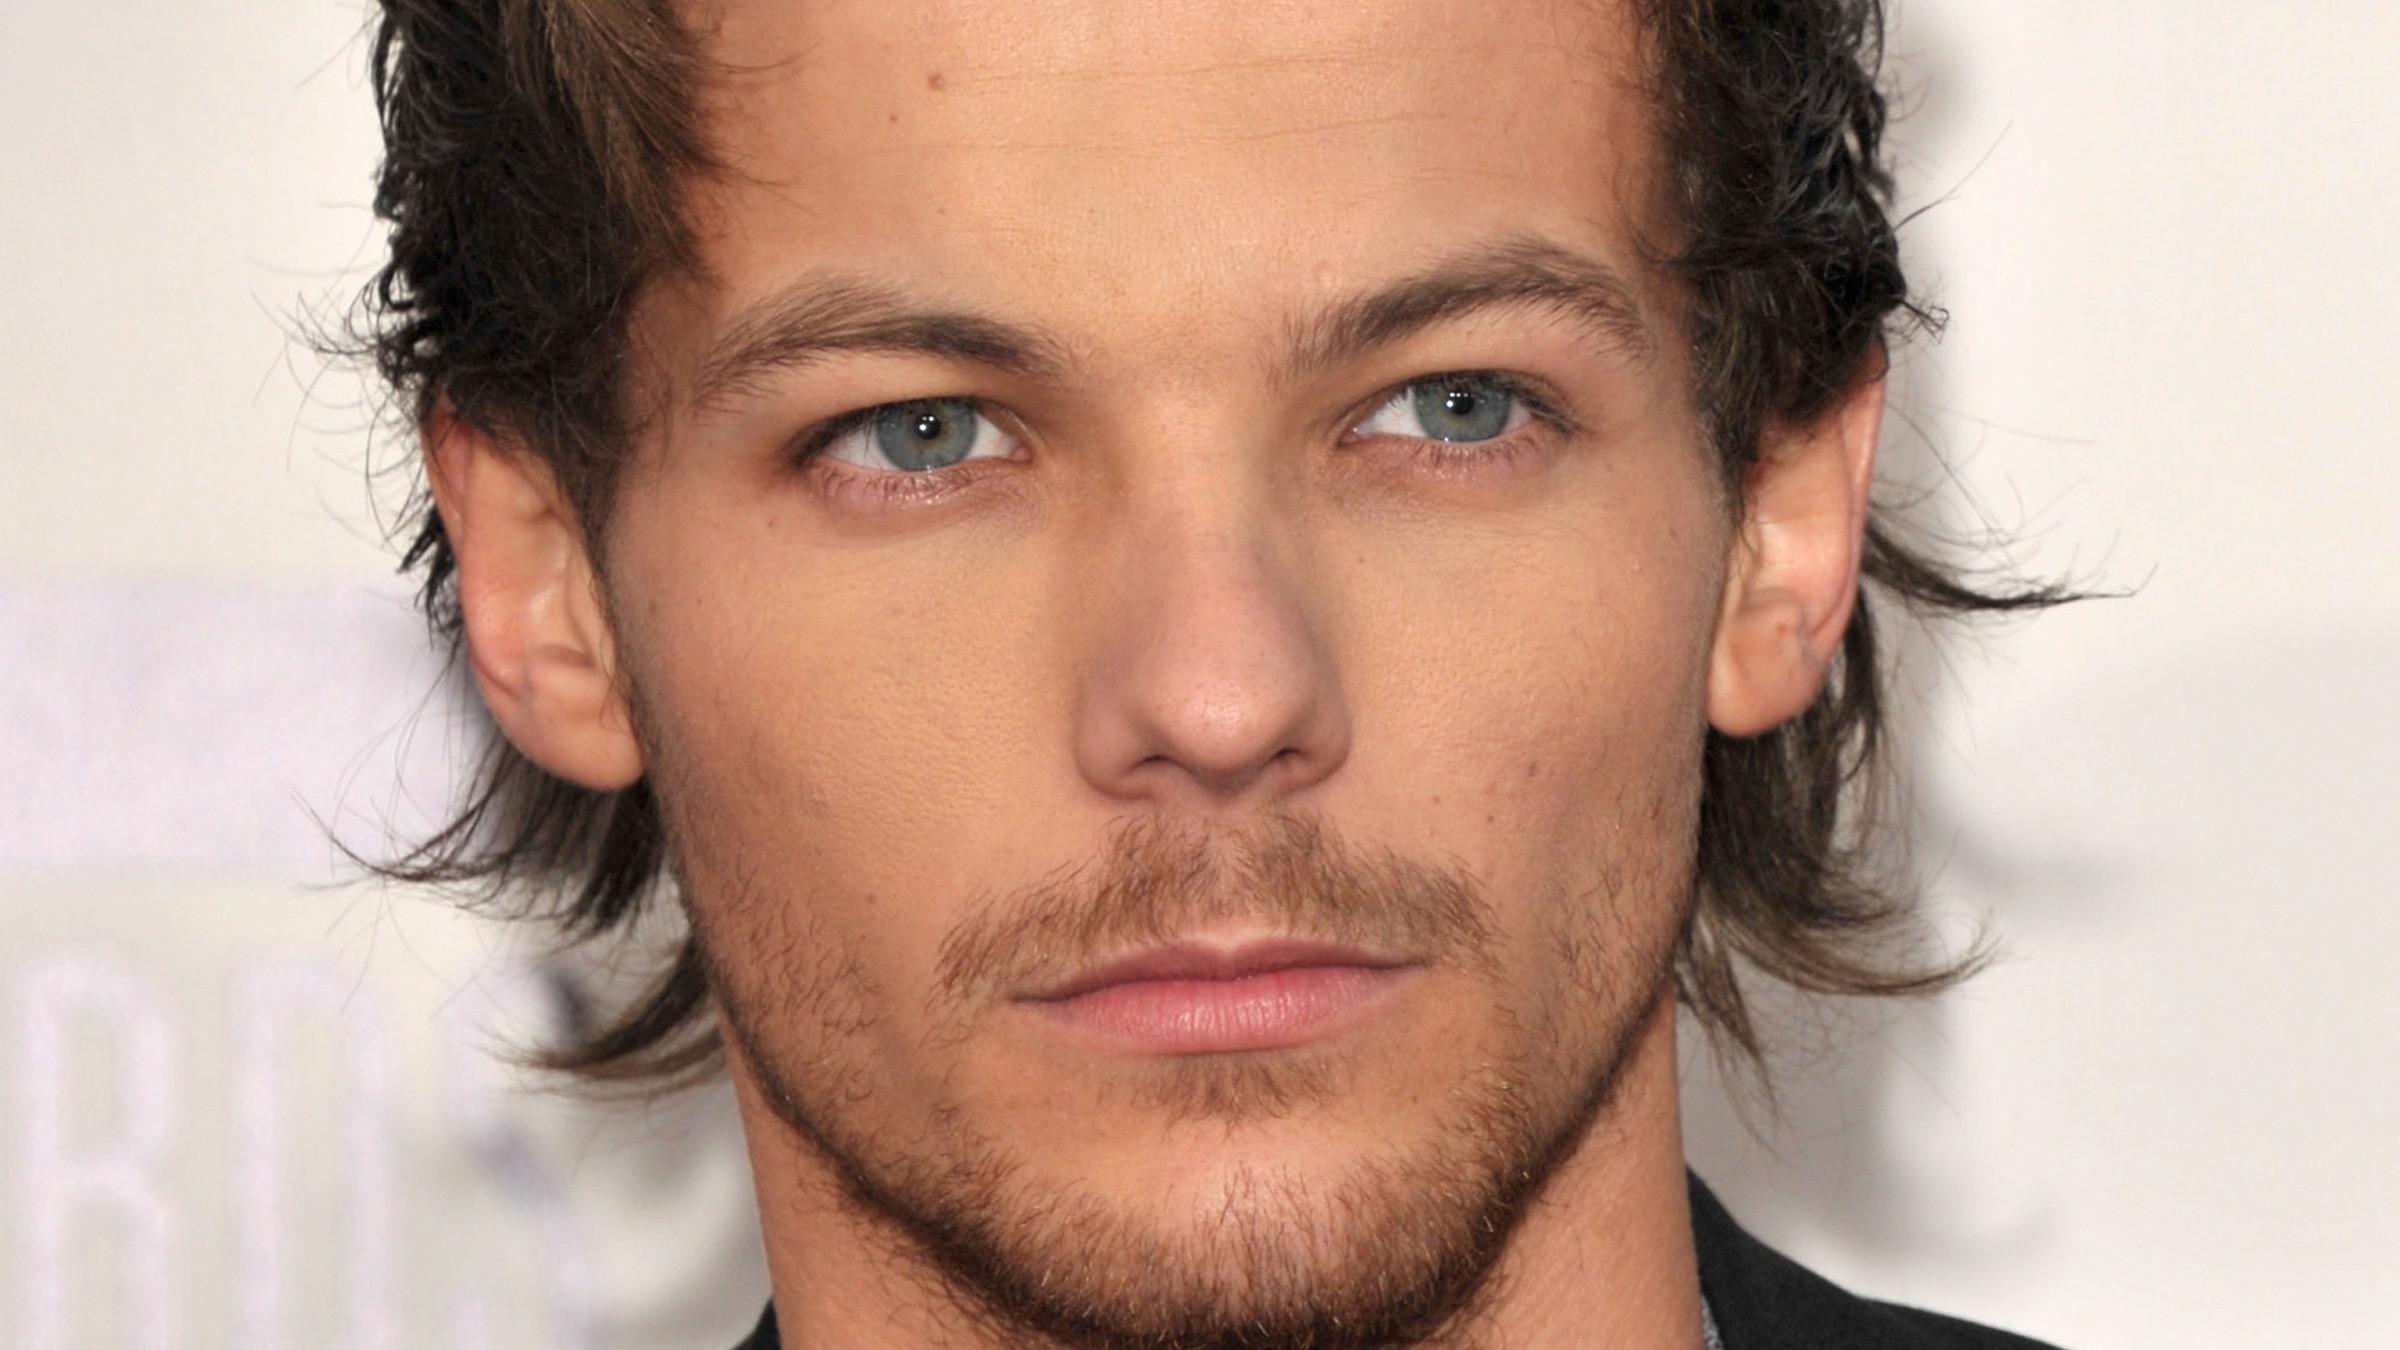 Louis vrij teaser